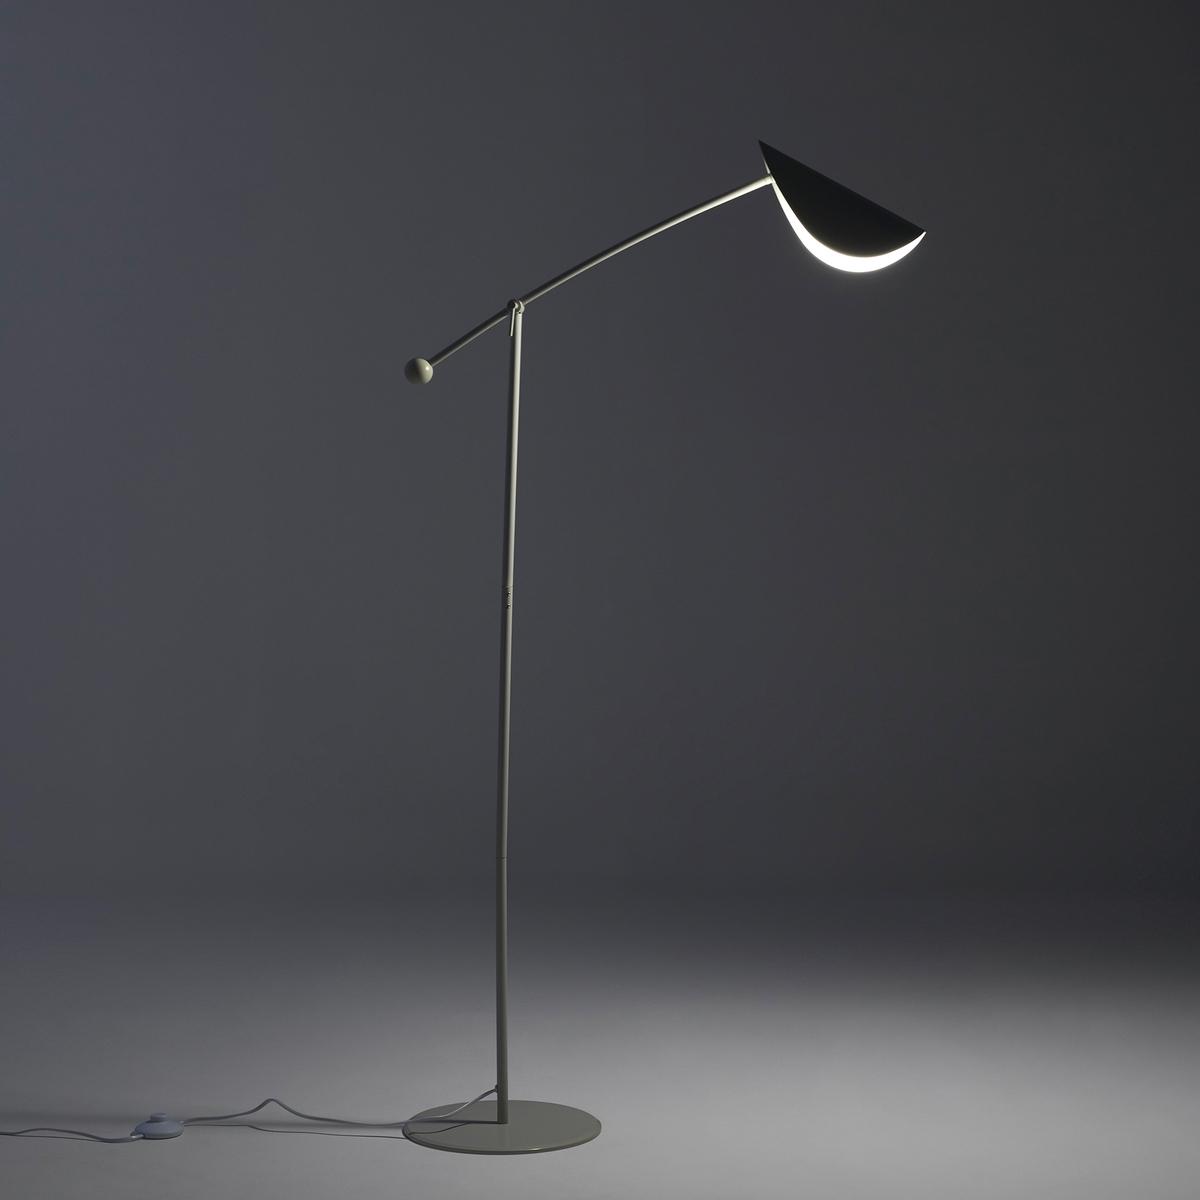 Напольная лампа FunambuleНапольная лампа Funambule. Тонкая и воздушная форма, вдохновленная движущимися объектами и природой, поворачивающийся абажур в форме листа. Напольная лампа для направленного освещения, идеально подходит для чтения.Характеристики :Из металла с матовым эпоксидным покрытием- Цоколь E14 для флуоресцентных ламп макс. 8 Вт (продаются отдельно)- Совместима с лампами класса энергопотребления A Размеры :- 77 x 123 см- Основание ?28 см<br><br>Цвет: серо-бежевый,черный